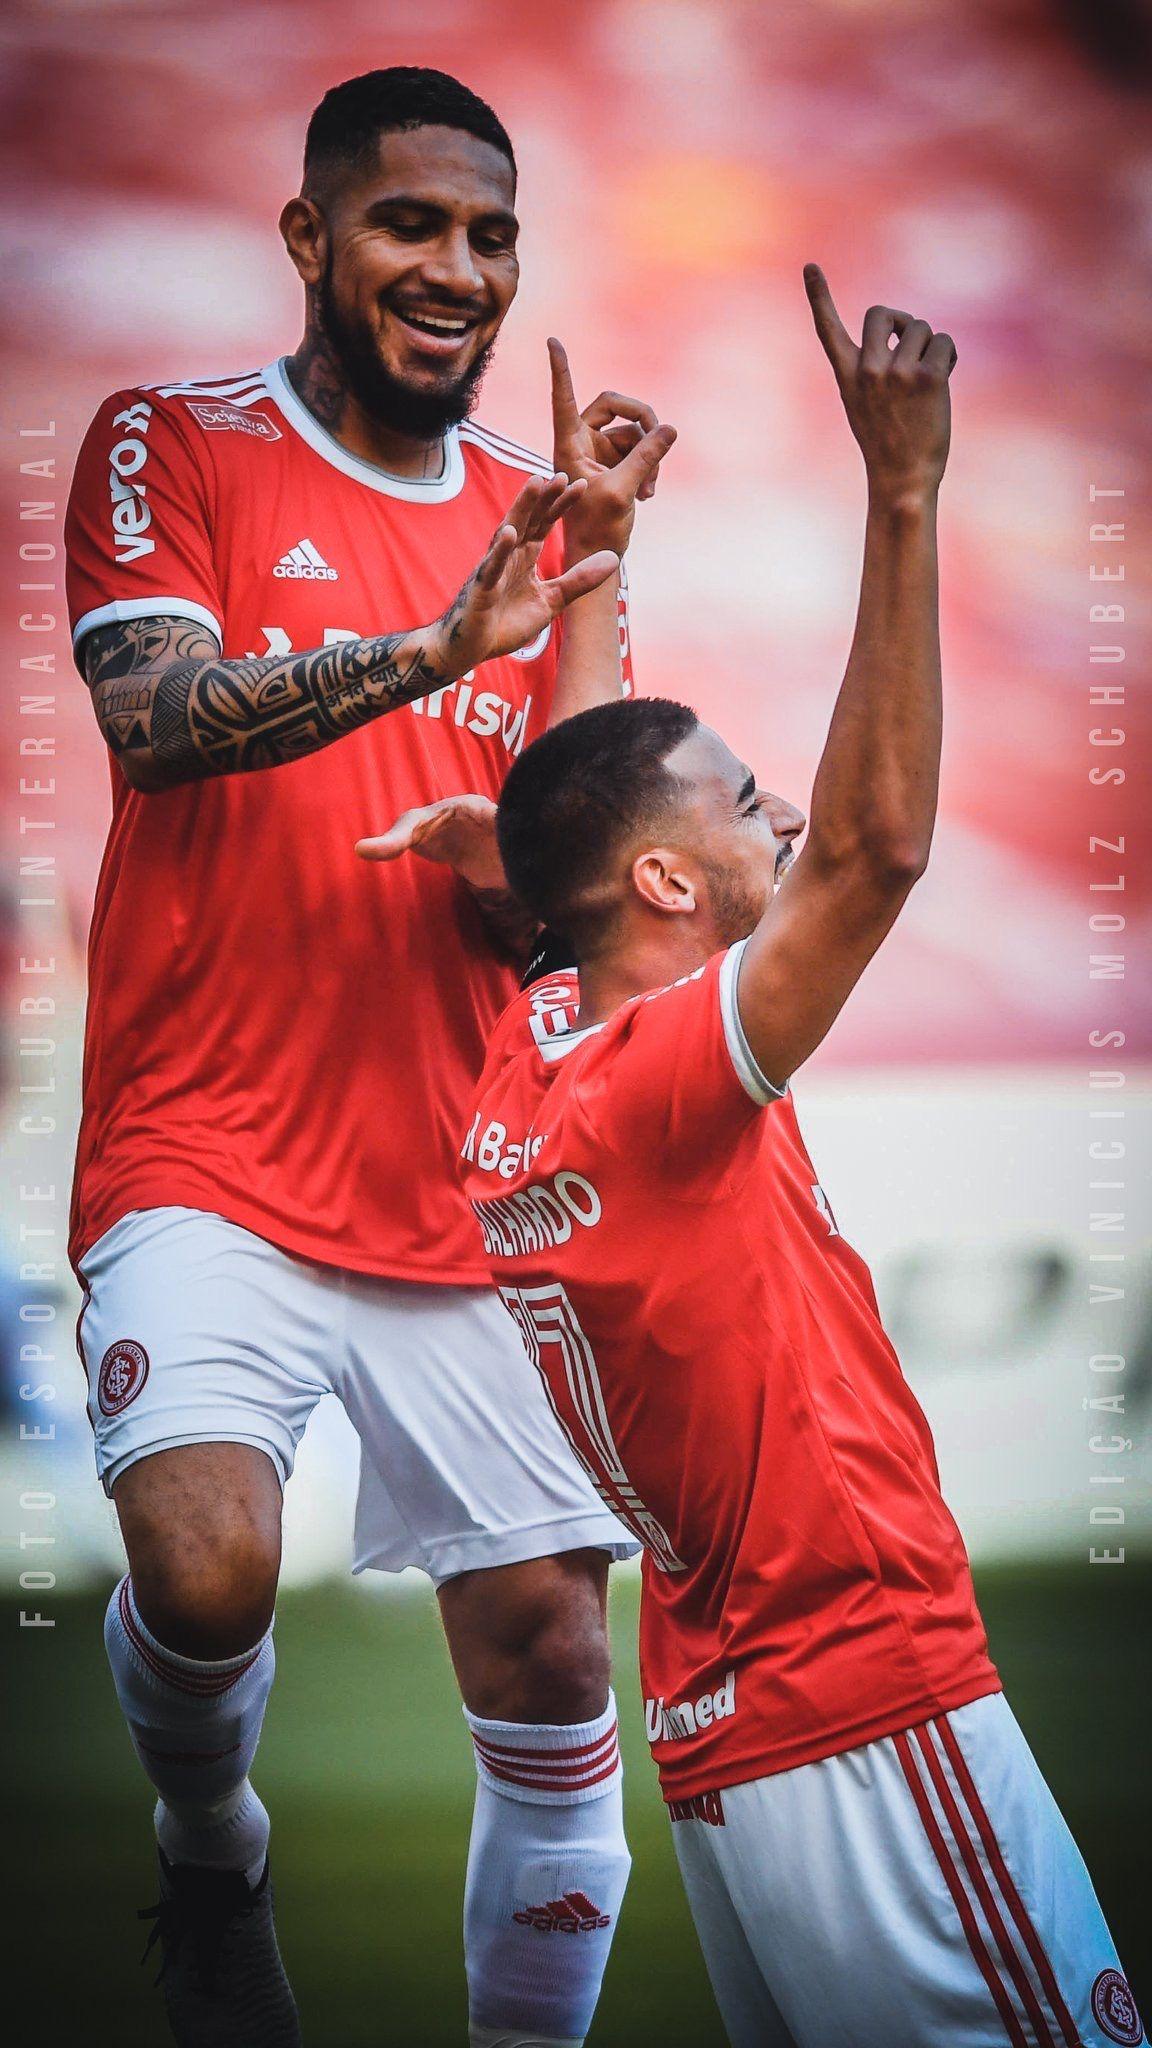 Pin De Daniel Araujo Em Futbol Futebol Internacional Internacional Futebol Clube Sport Clube Internacional